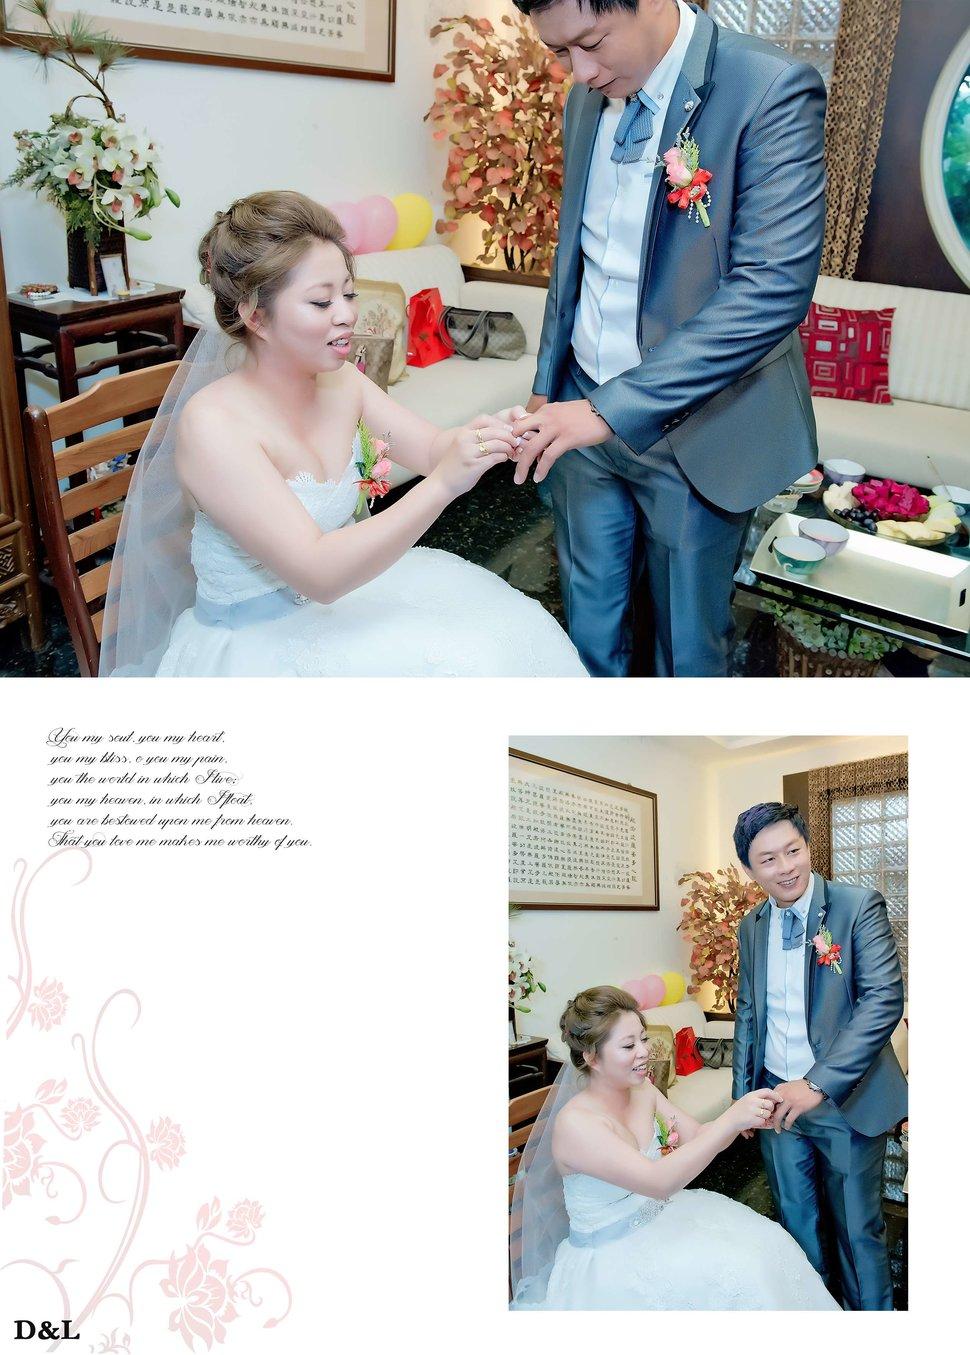 婚禮紀錄-敬添&綉芬(編號:253220) - D&L 婚禮事務-婚紗攝影/婚禮記錄 - 結婚吧一站式婚禮服務平台